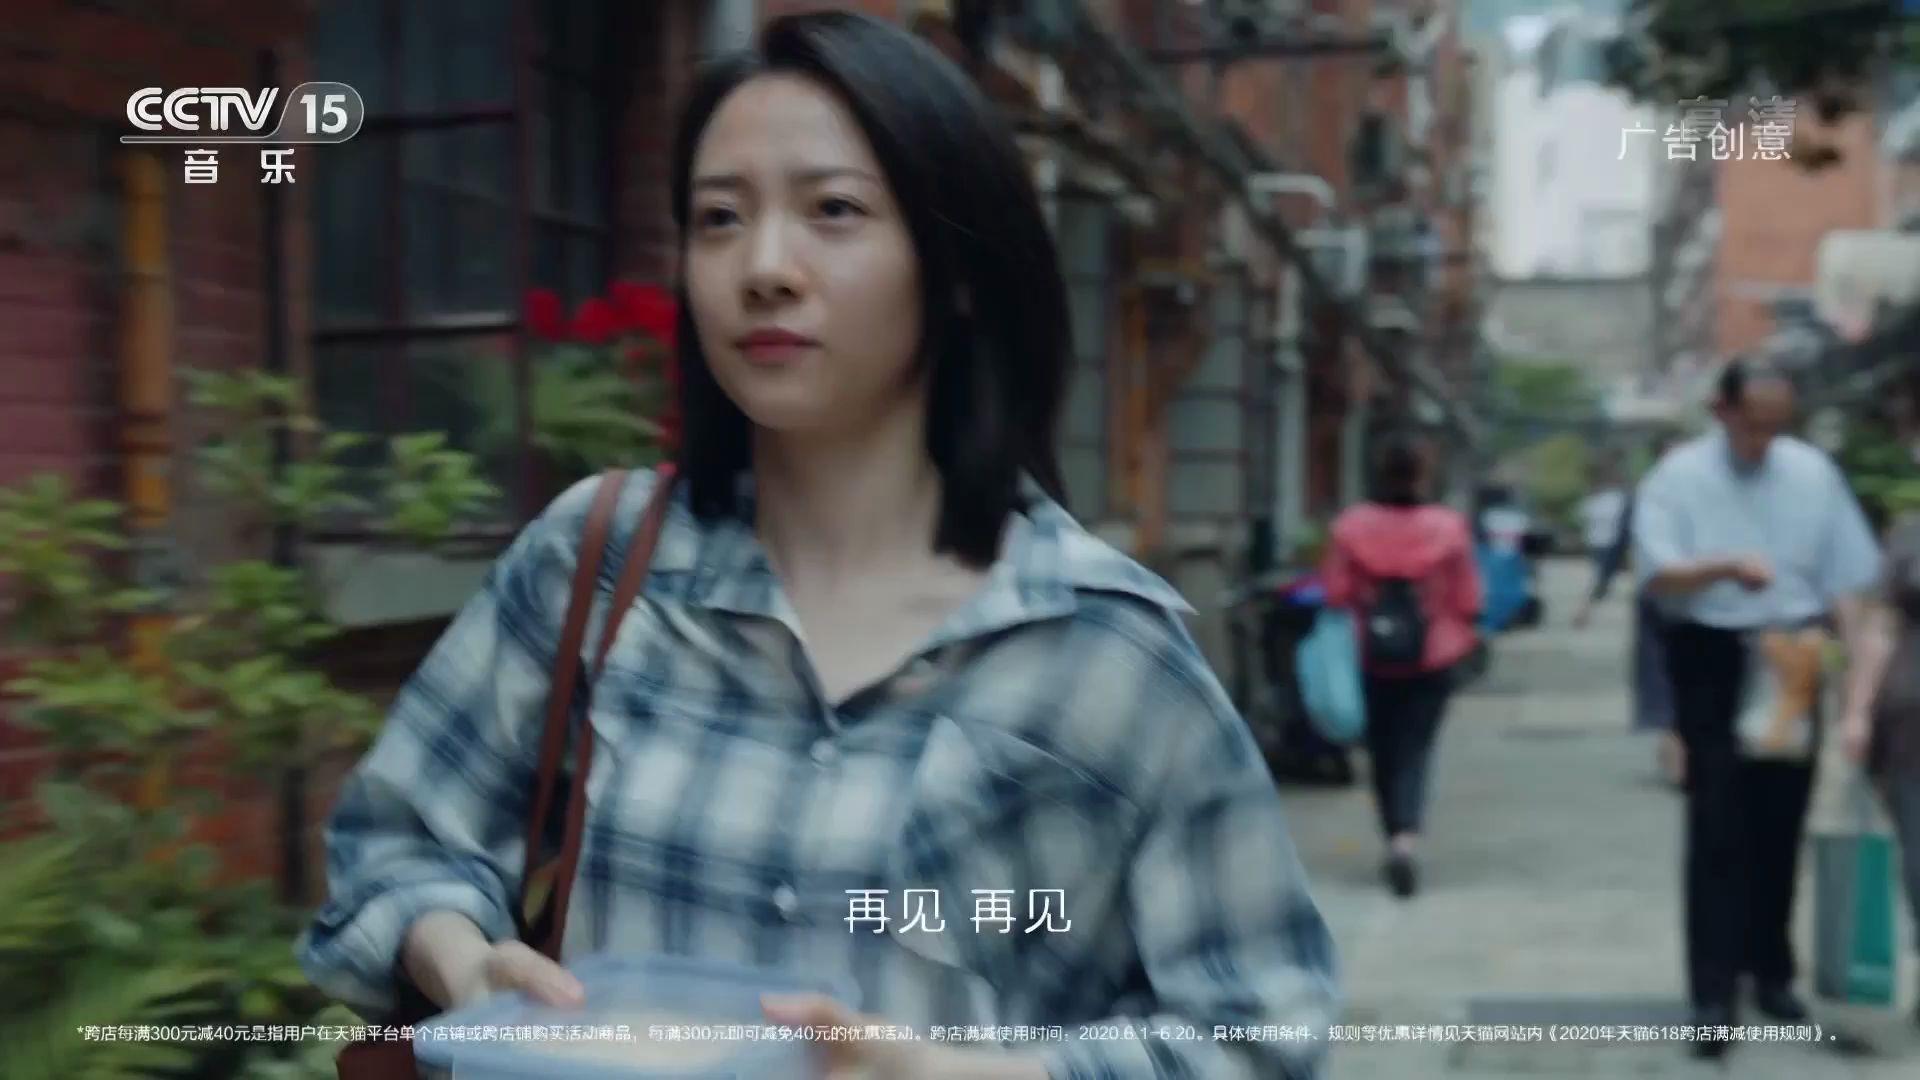 央视广告欣赏-天猫6.18理想生活狂欢季-4